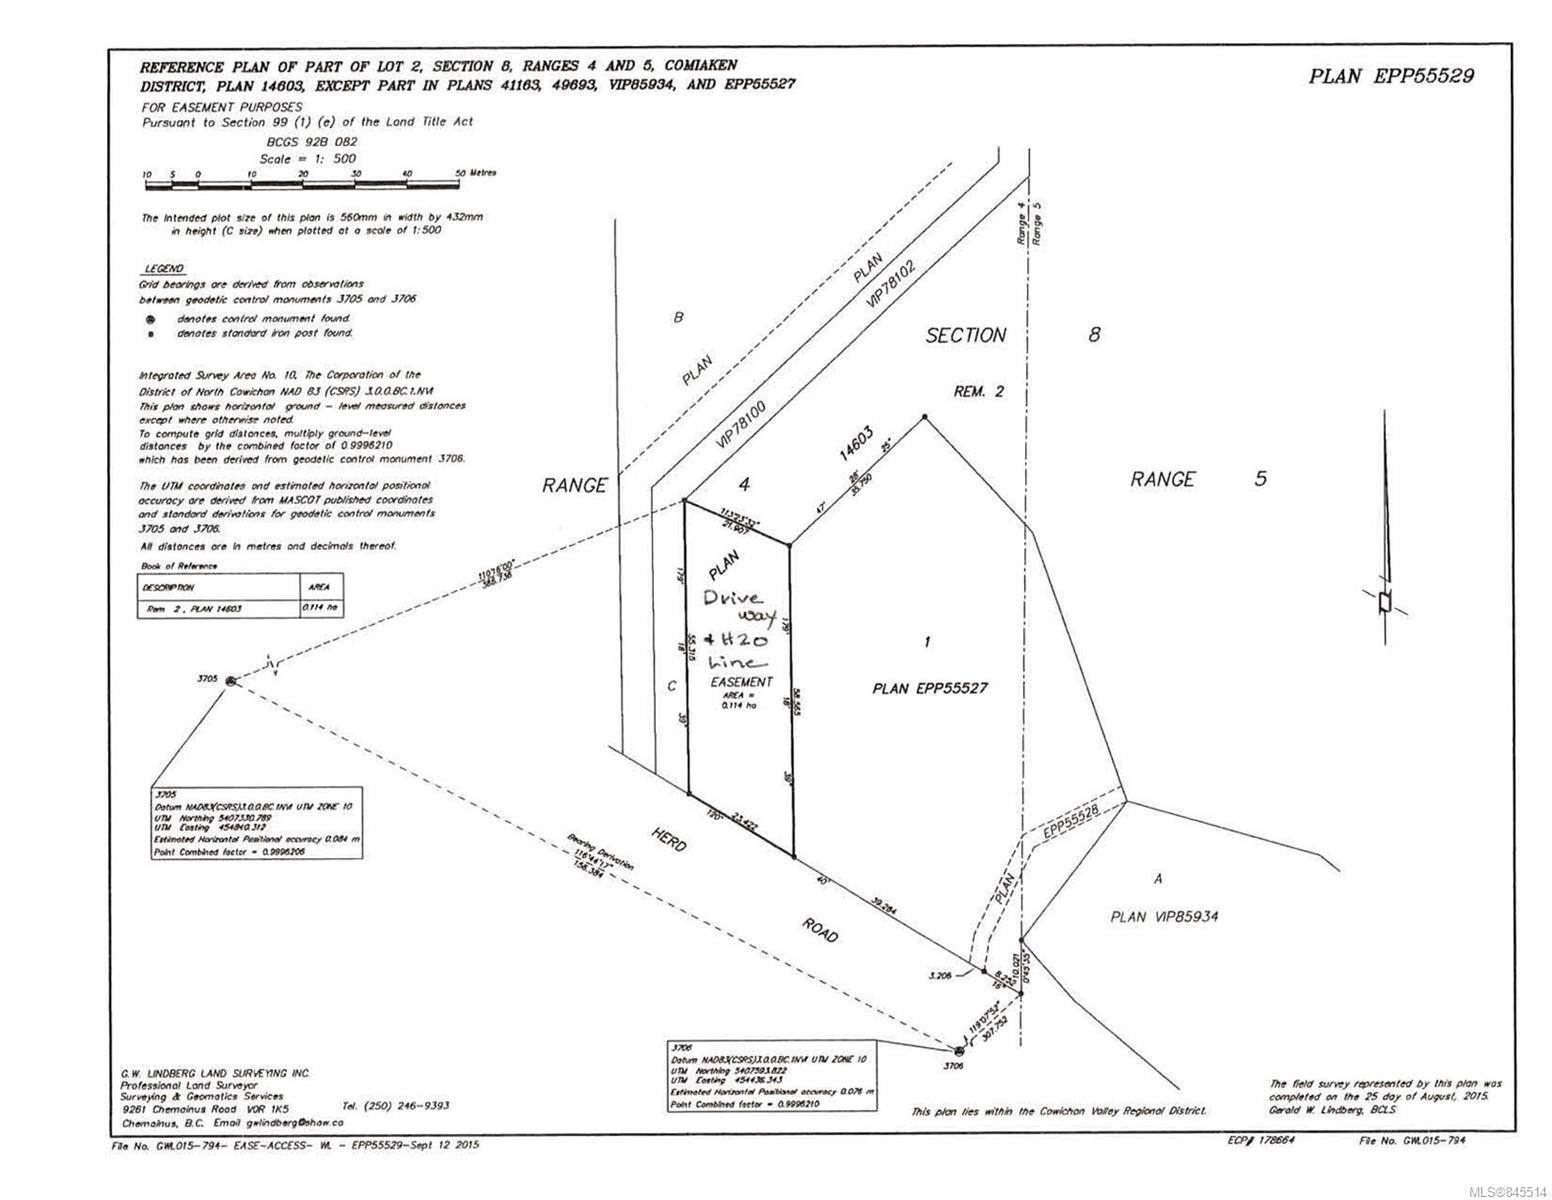 Lt 1 Herd Rd, Duncan BC V9L 5W9